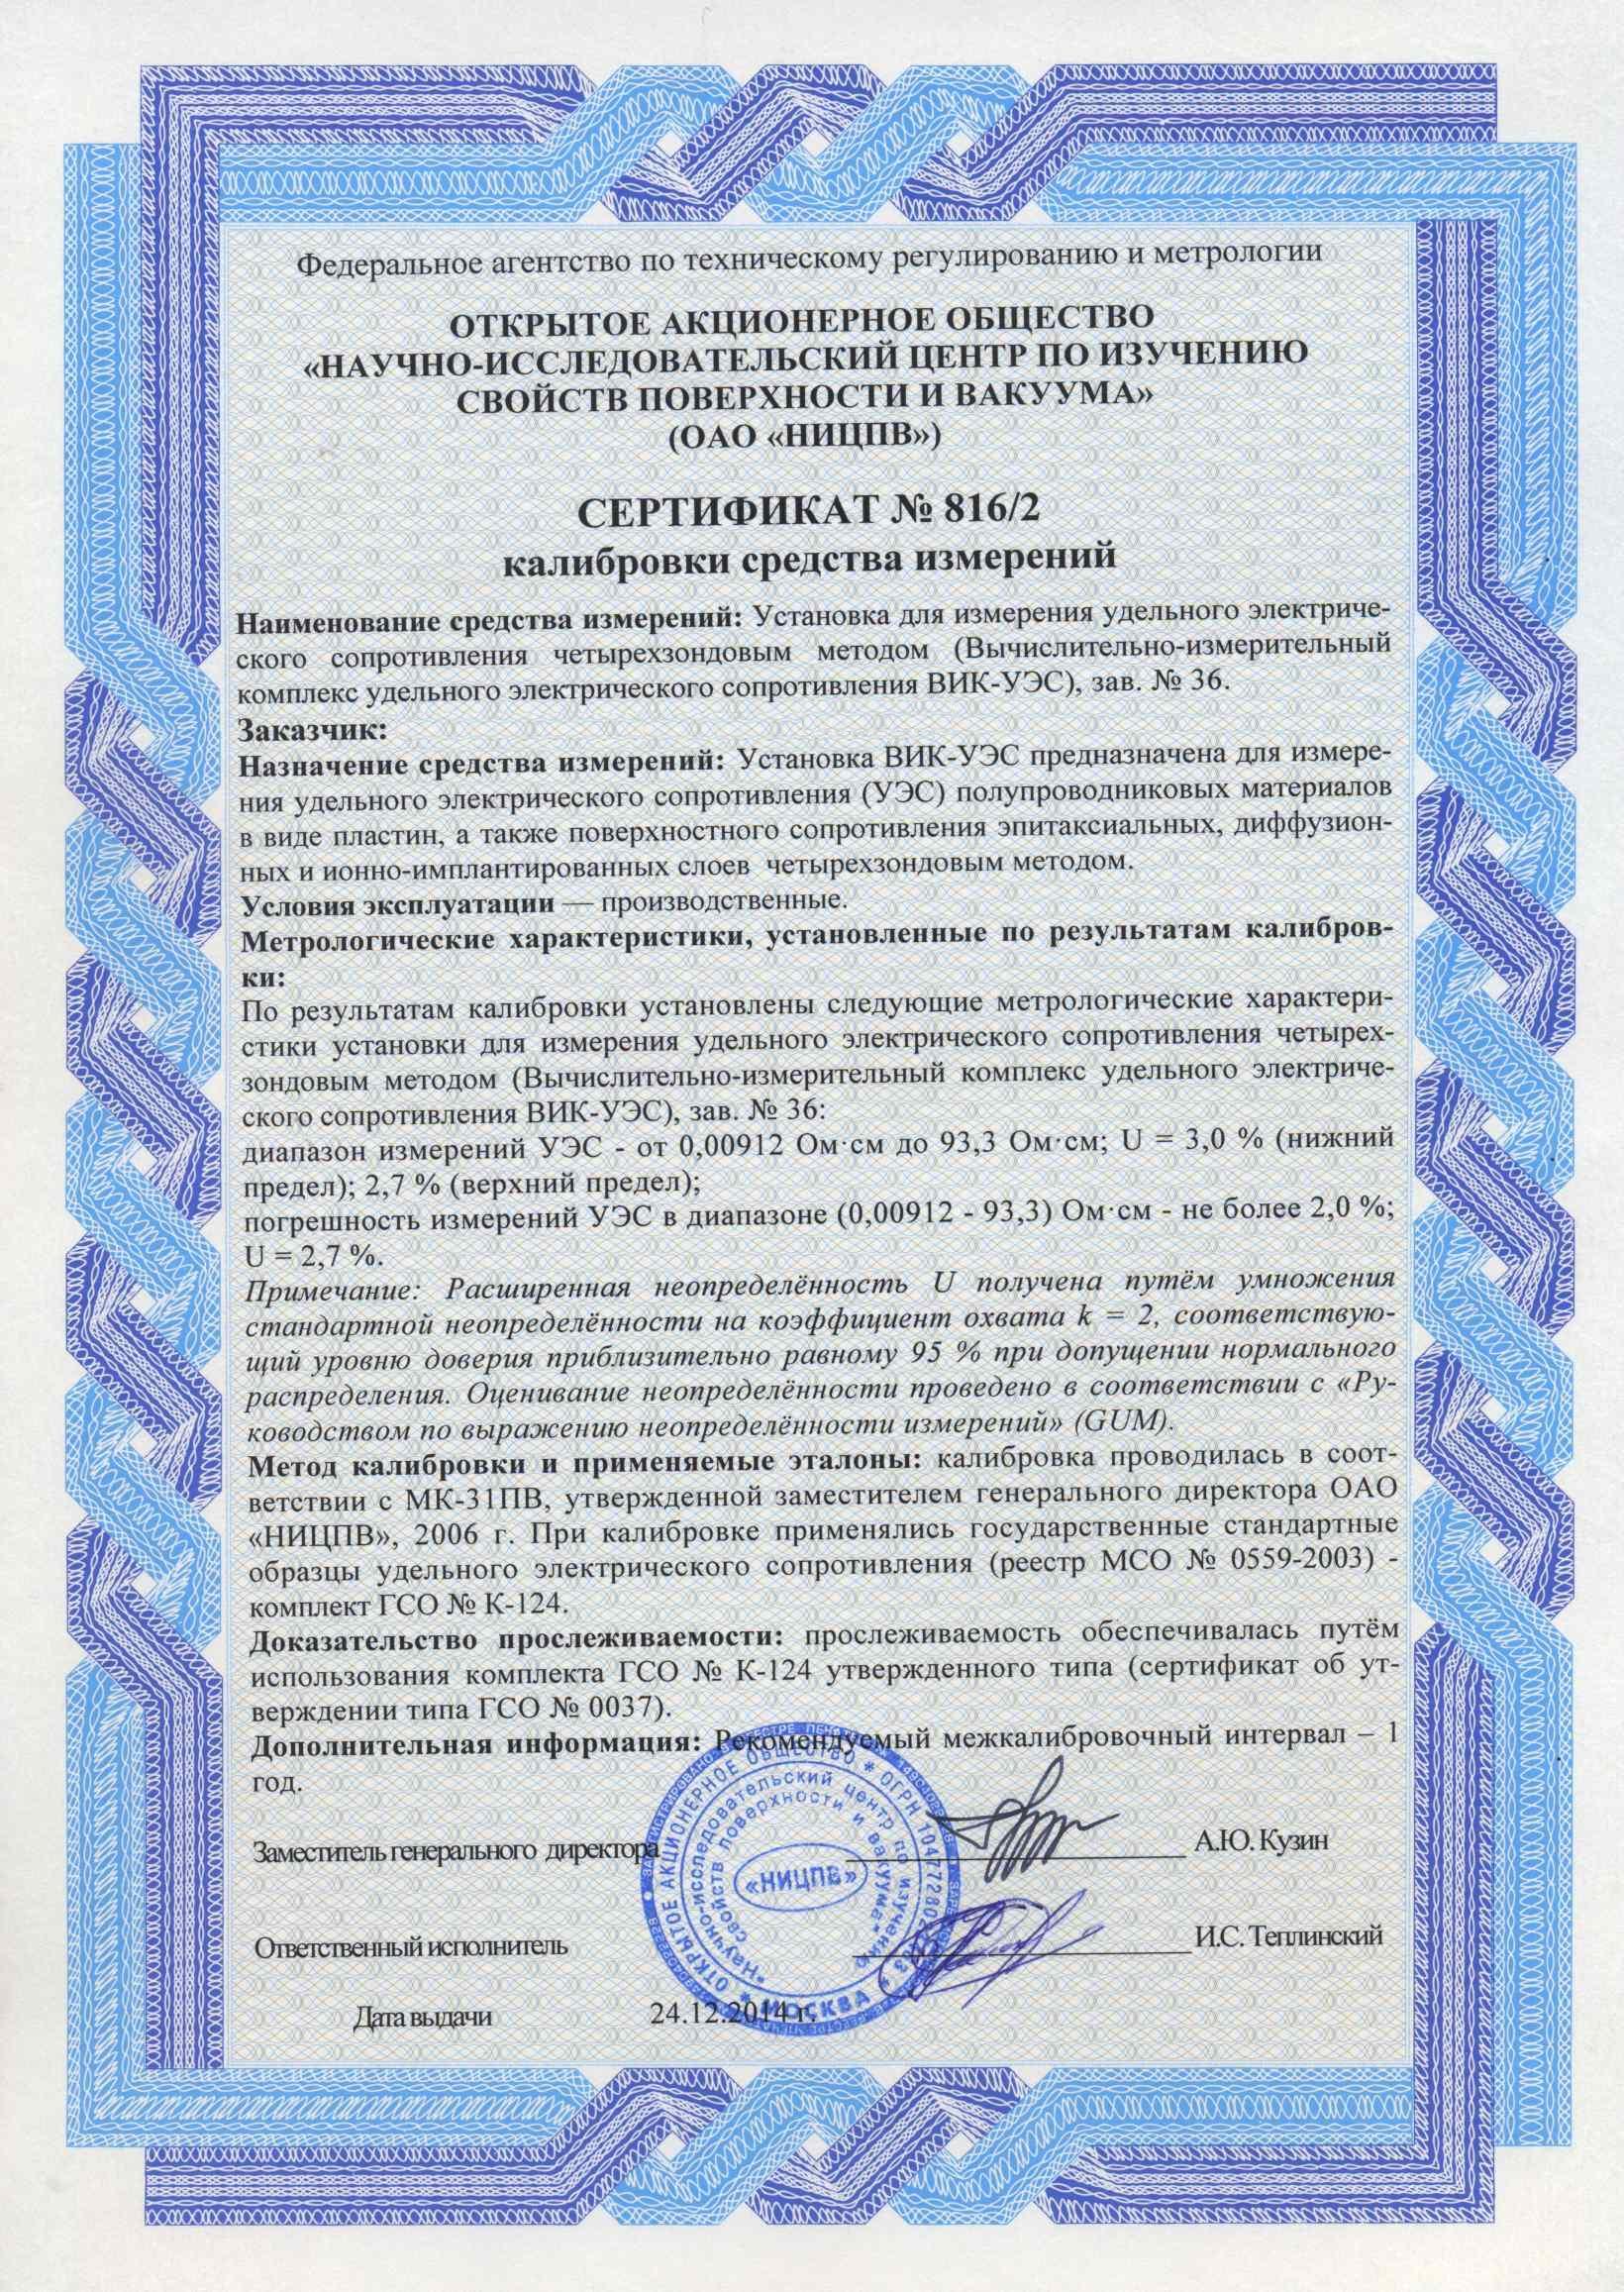 Сертификат калибровки